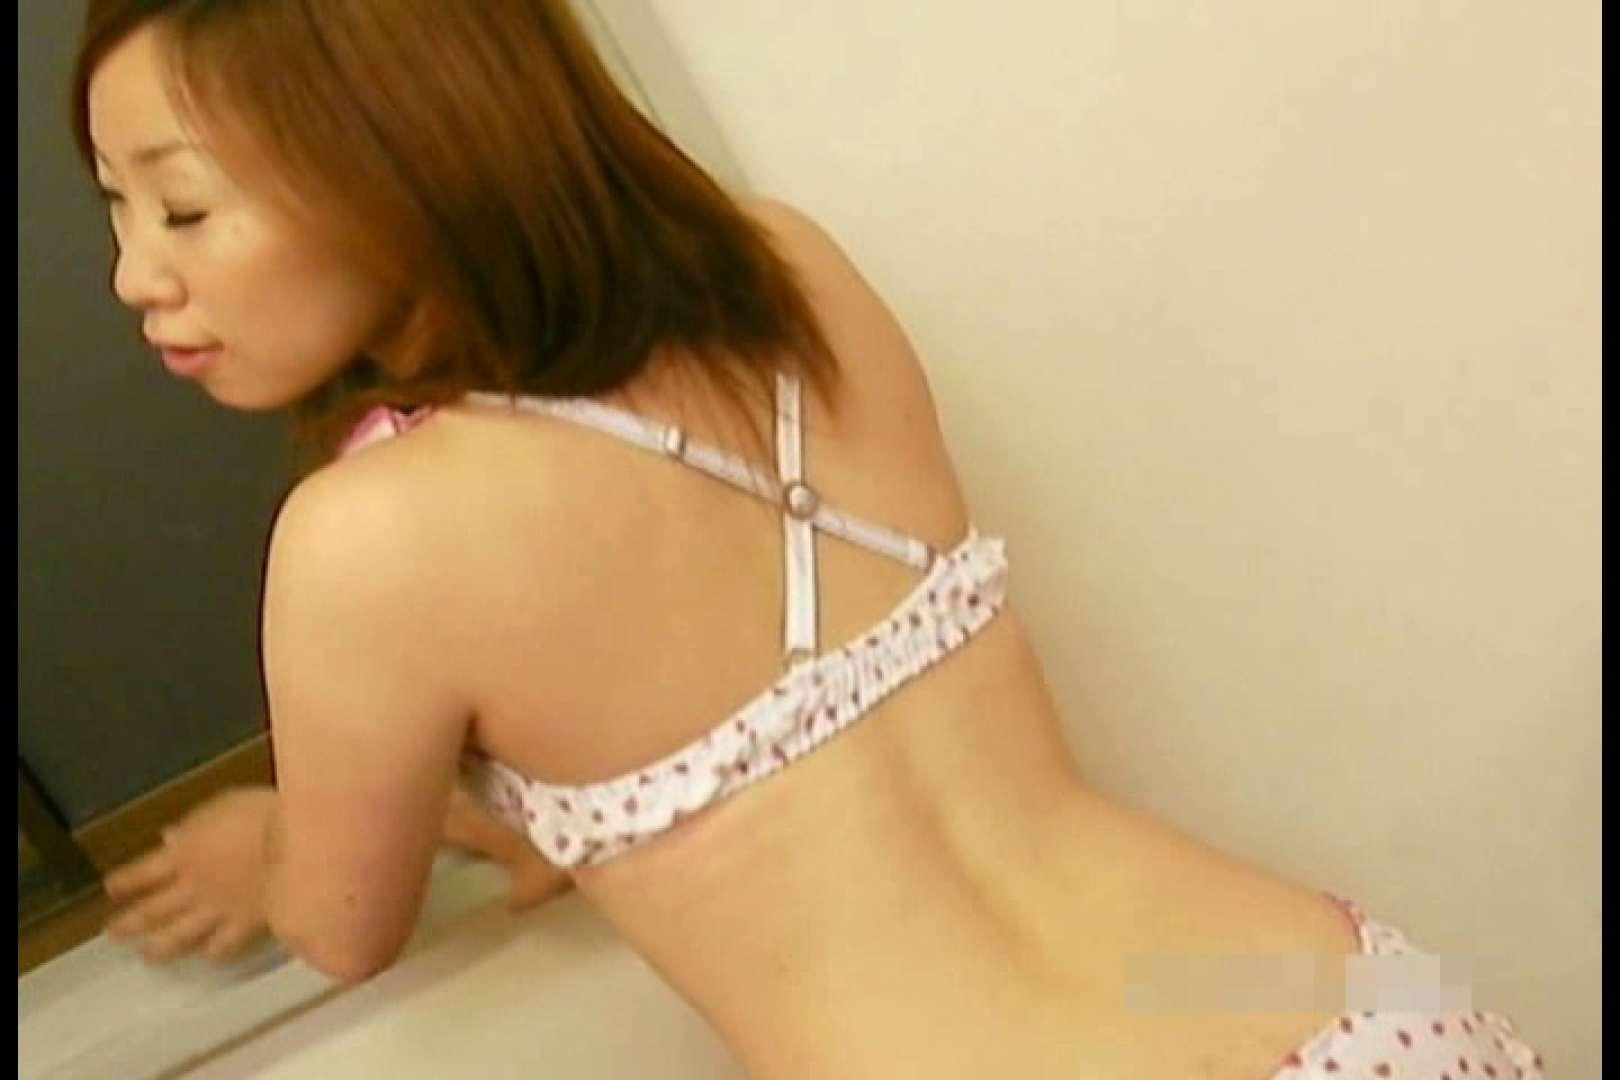 素人撮影 下着だけの撮影のはずが・・・愛22歳 盗撮 盗撮動画紹介 93PIX 46